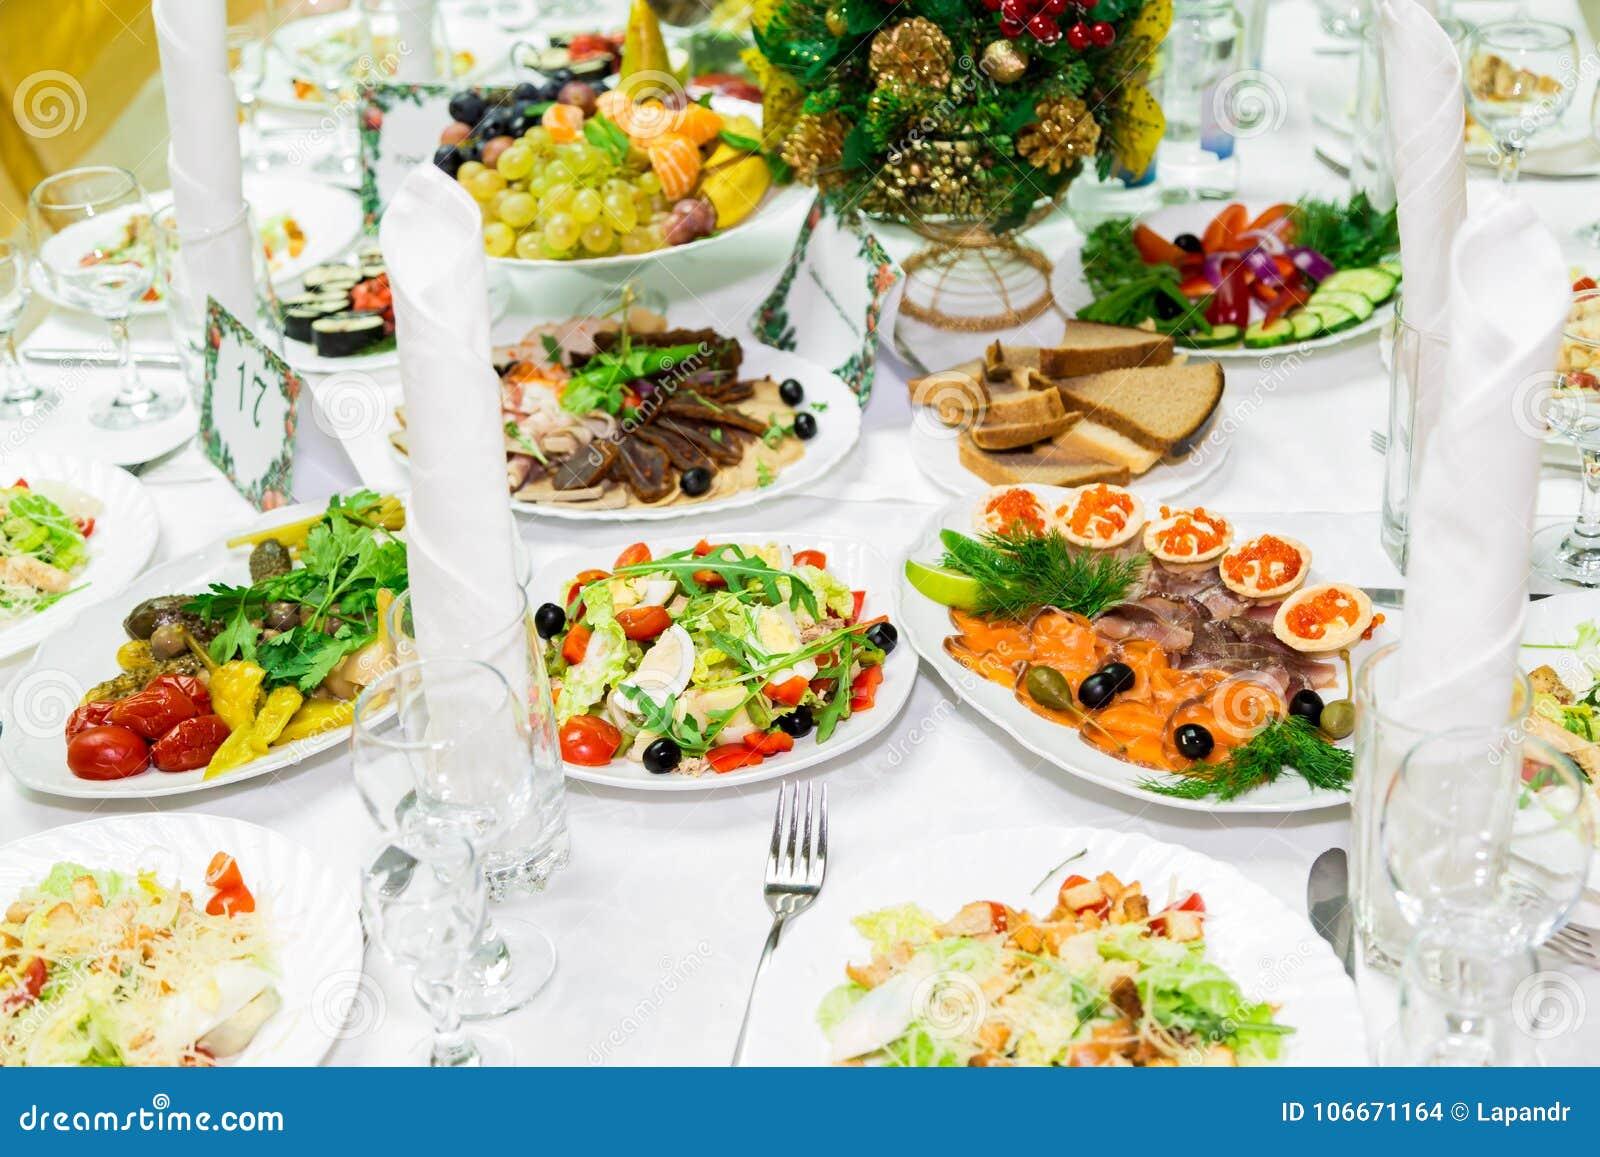 Πρόχειρα φαγητά και λιχουδιές στον πίνακα συμποσίου catering Εορτασμός ή γάμος _